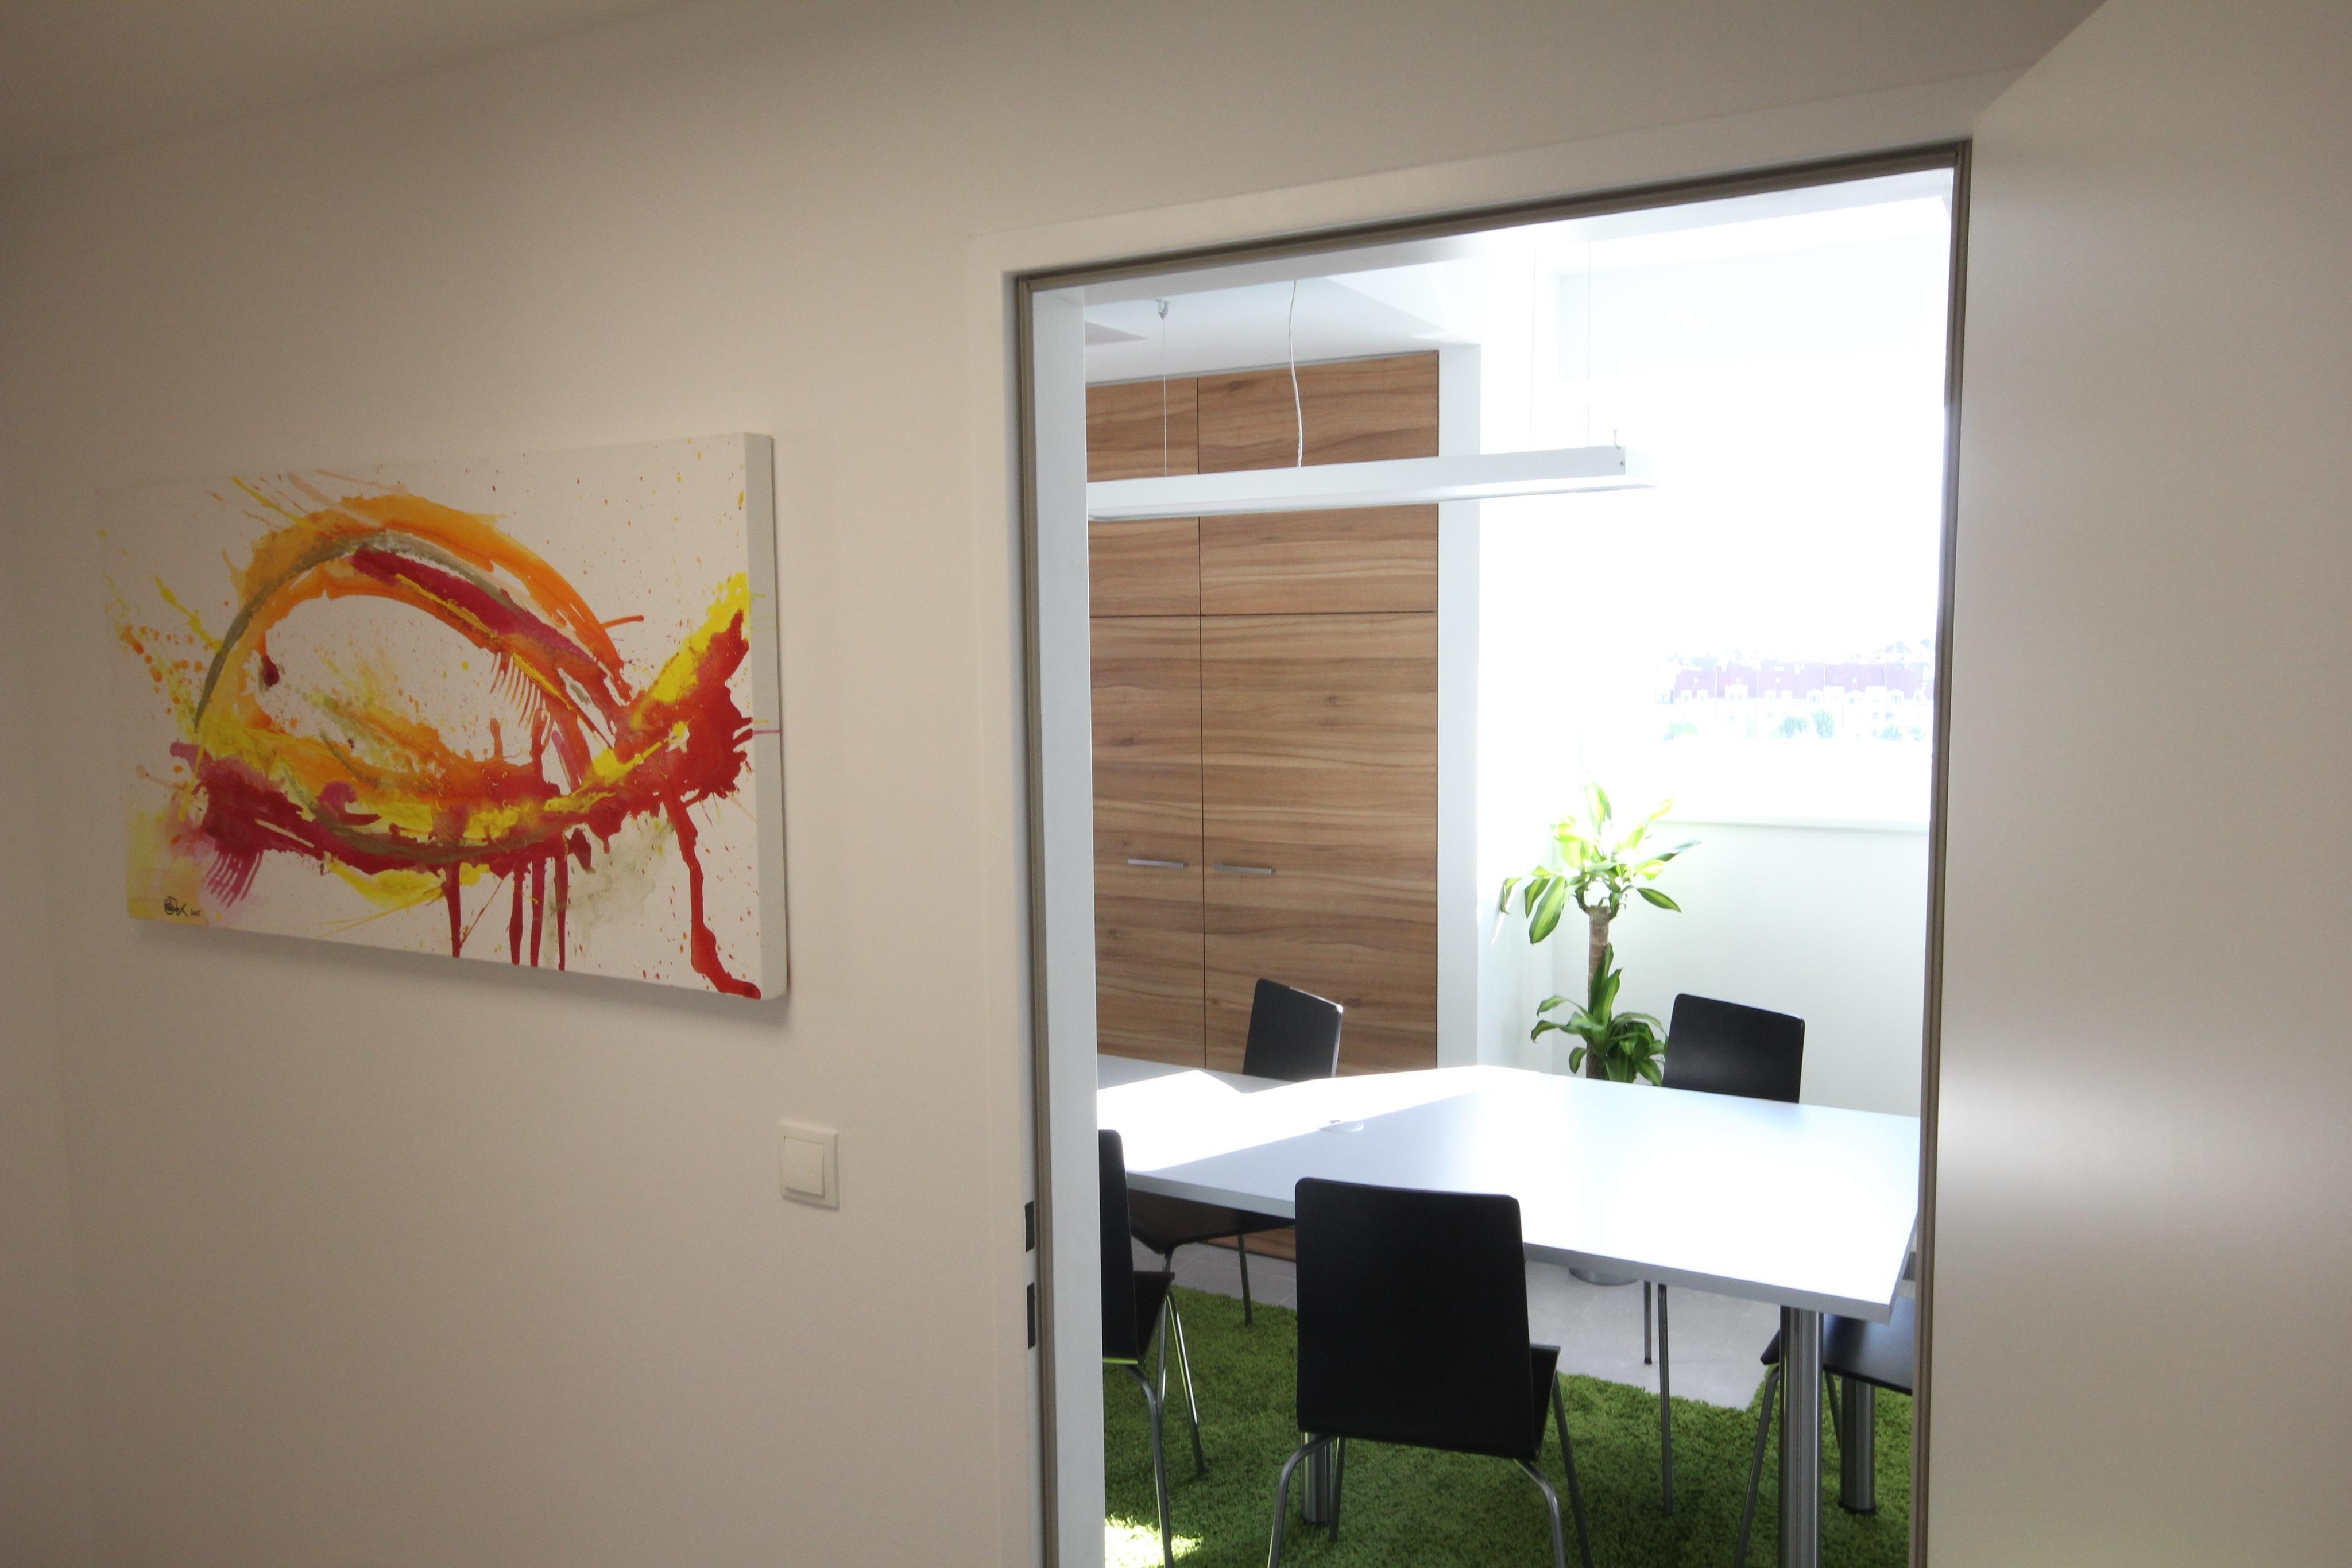 Besprechungszimmer bilder ideen couchstyle - Interior design ideen ...